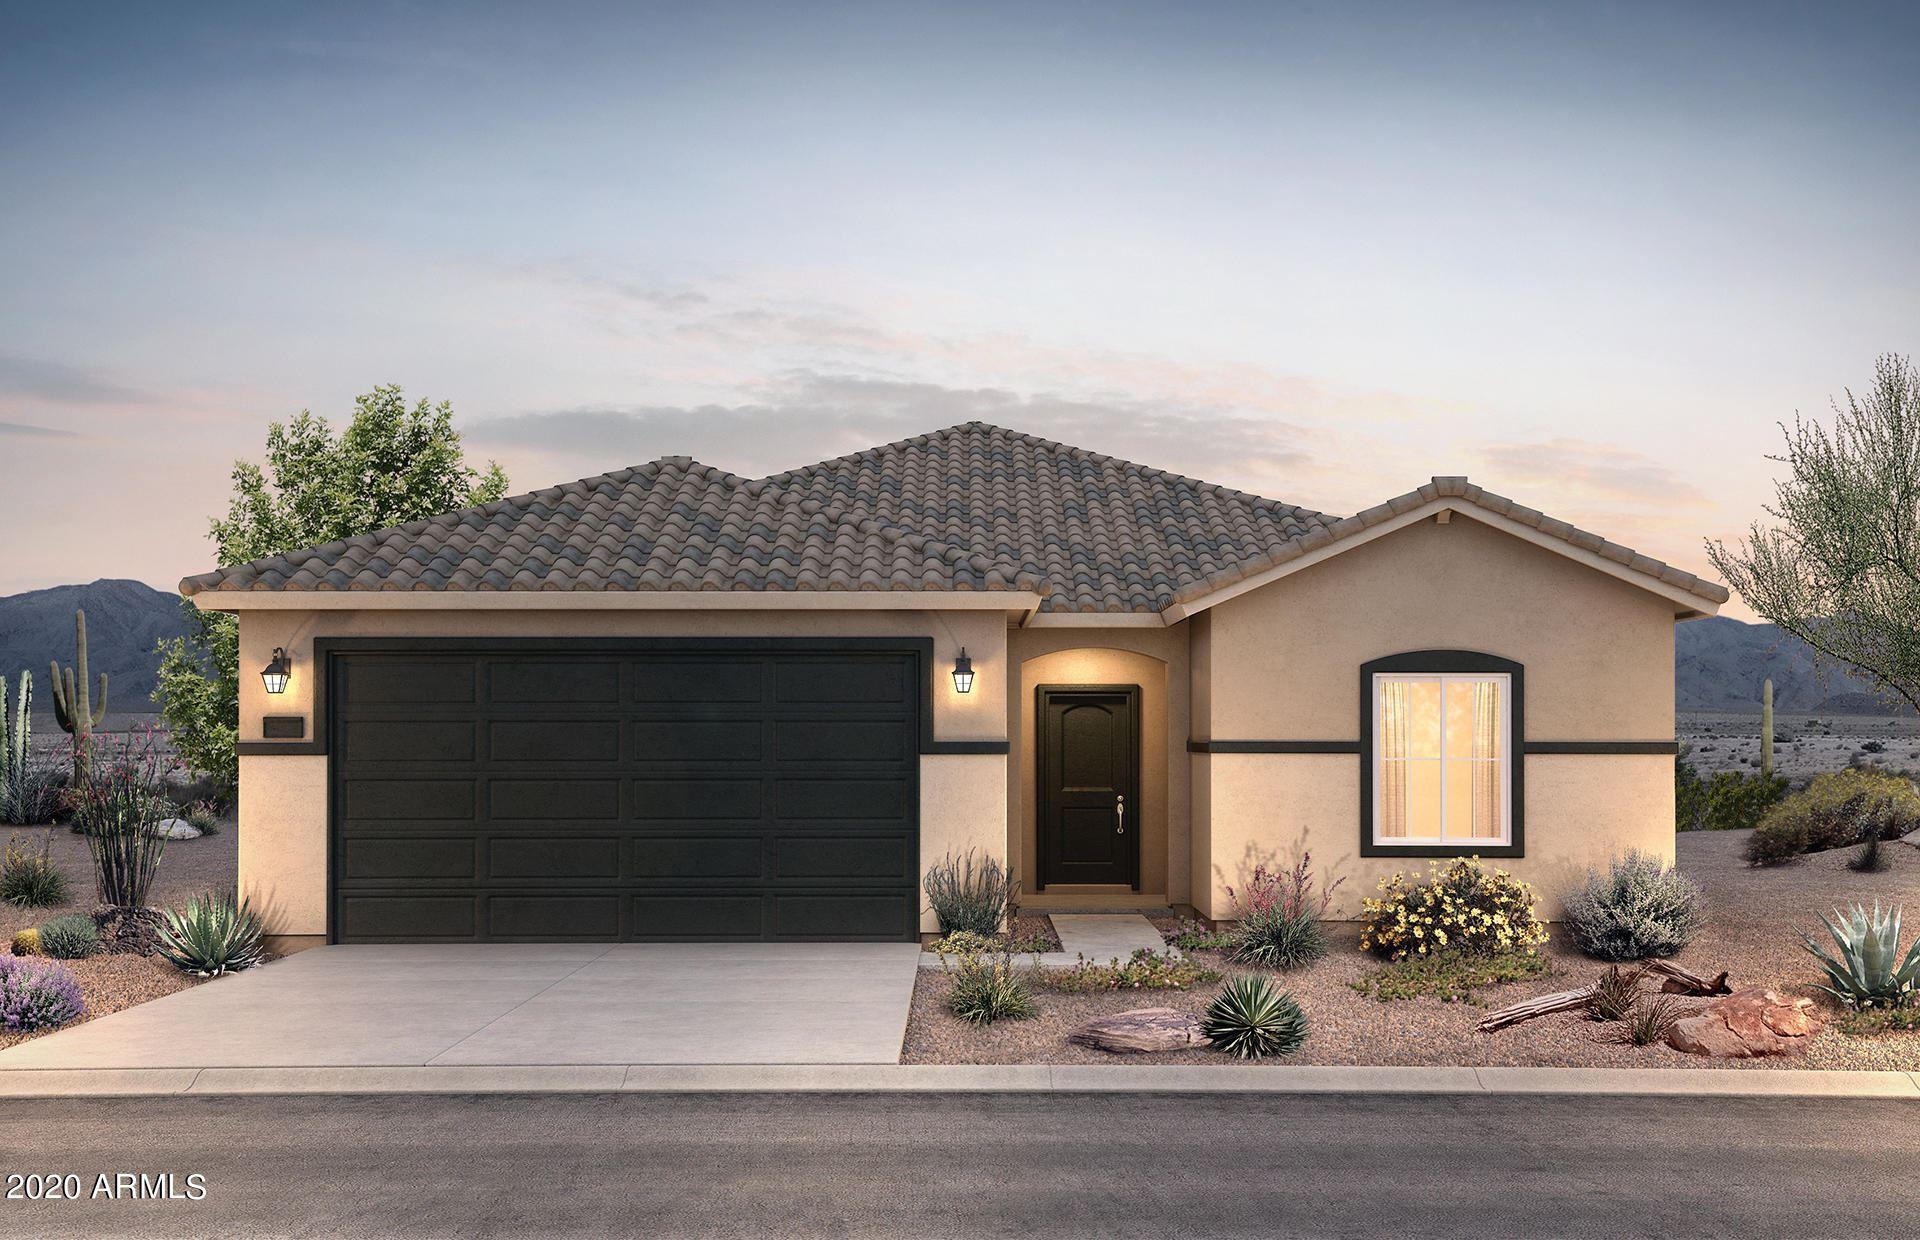 Photo for 18346 N DESERT WILLOW Drive, Maricopa, AZ 85138 (MLS # 6174150)